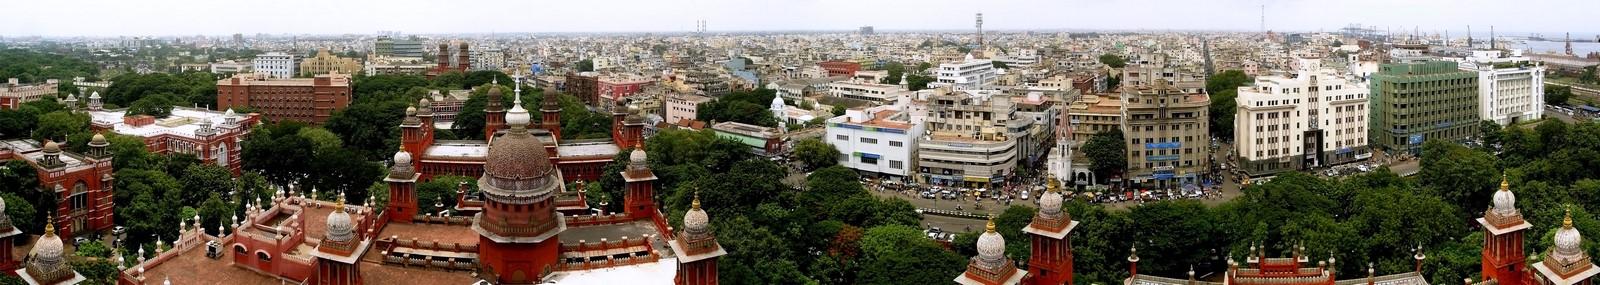 Madras High Court - Sheet2